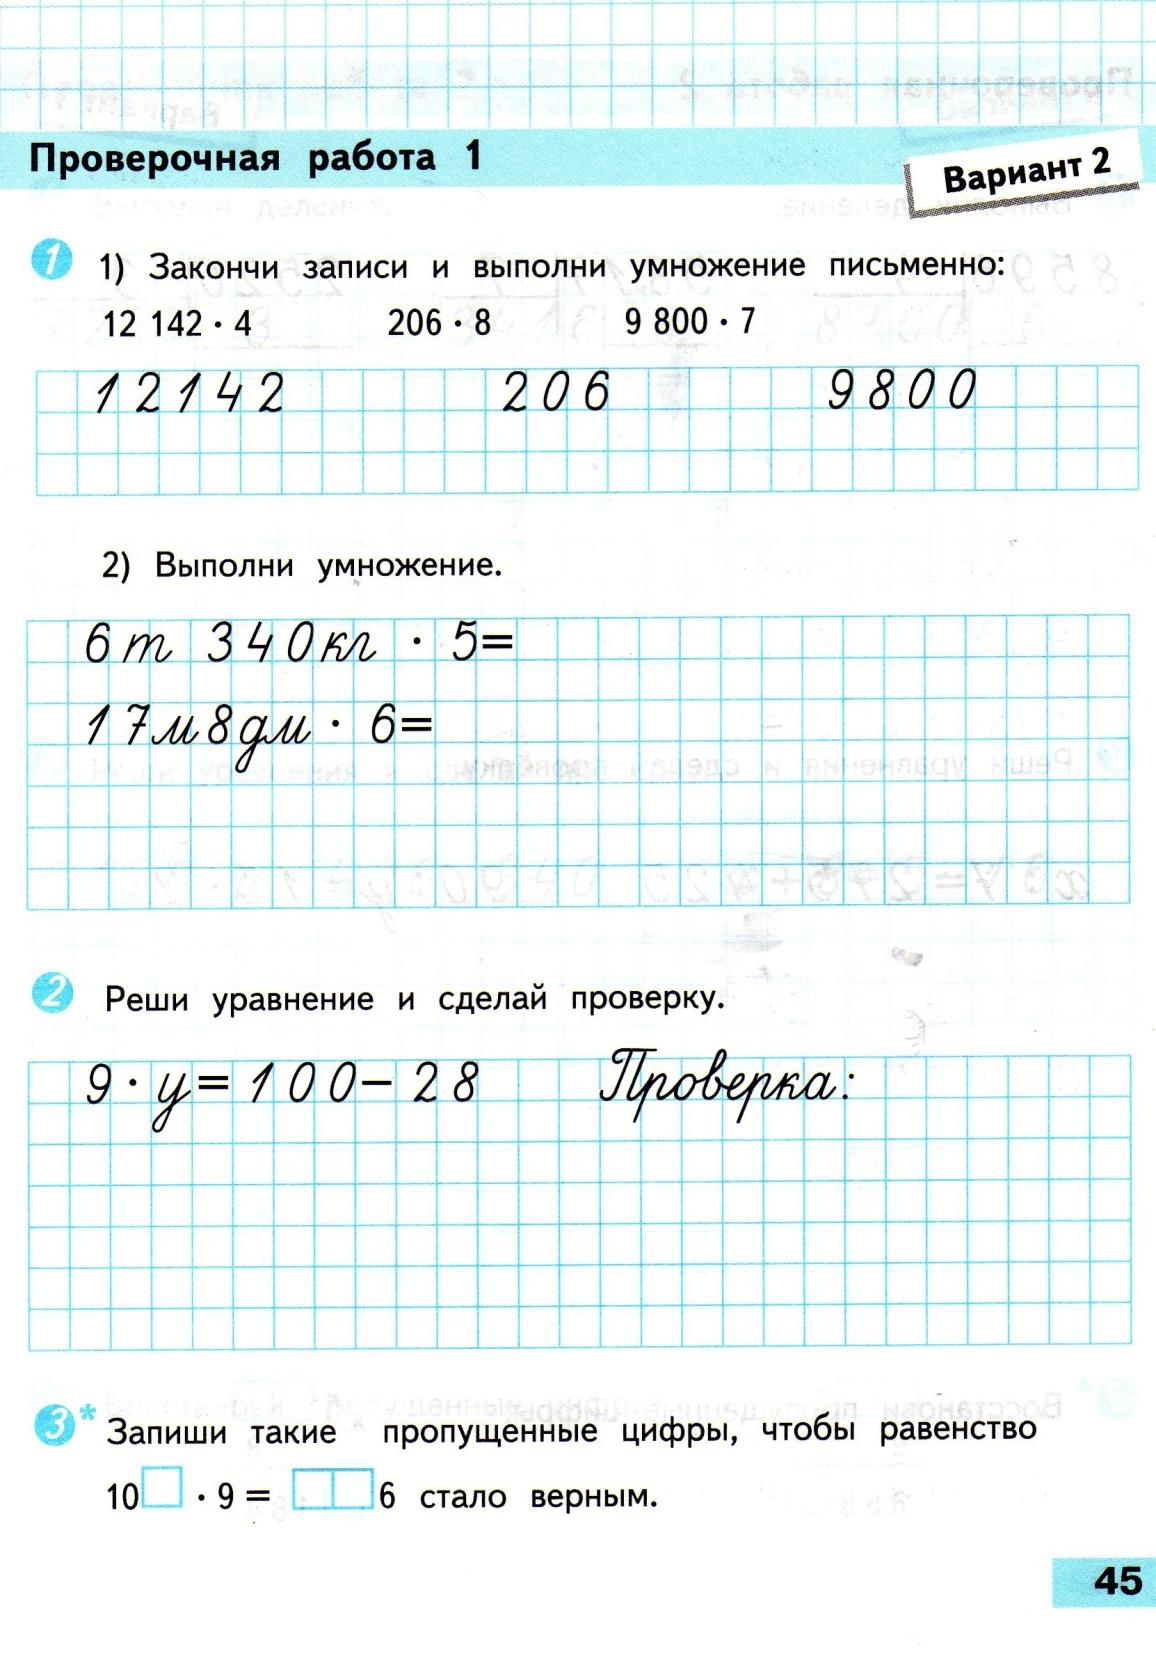 C:\Documents and Settings\Admin\Мои документы\Мои рисунки\1544.jpg